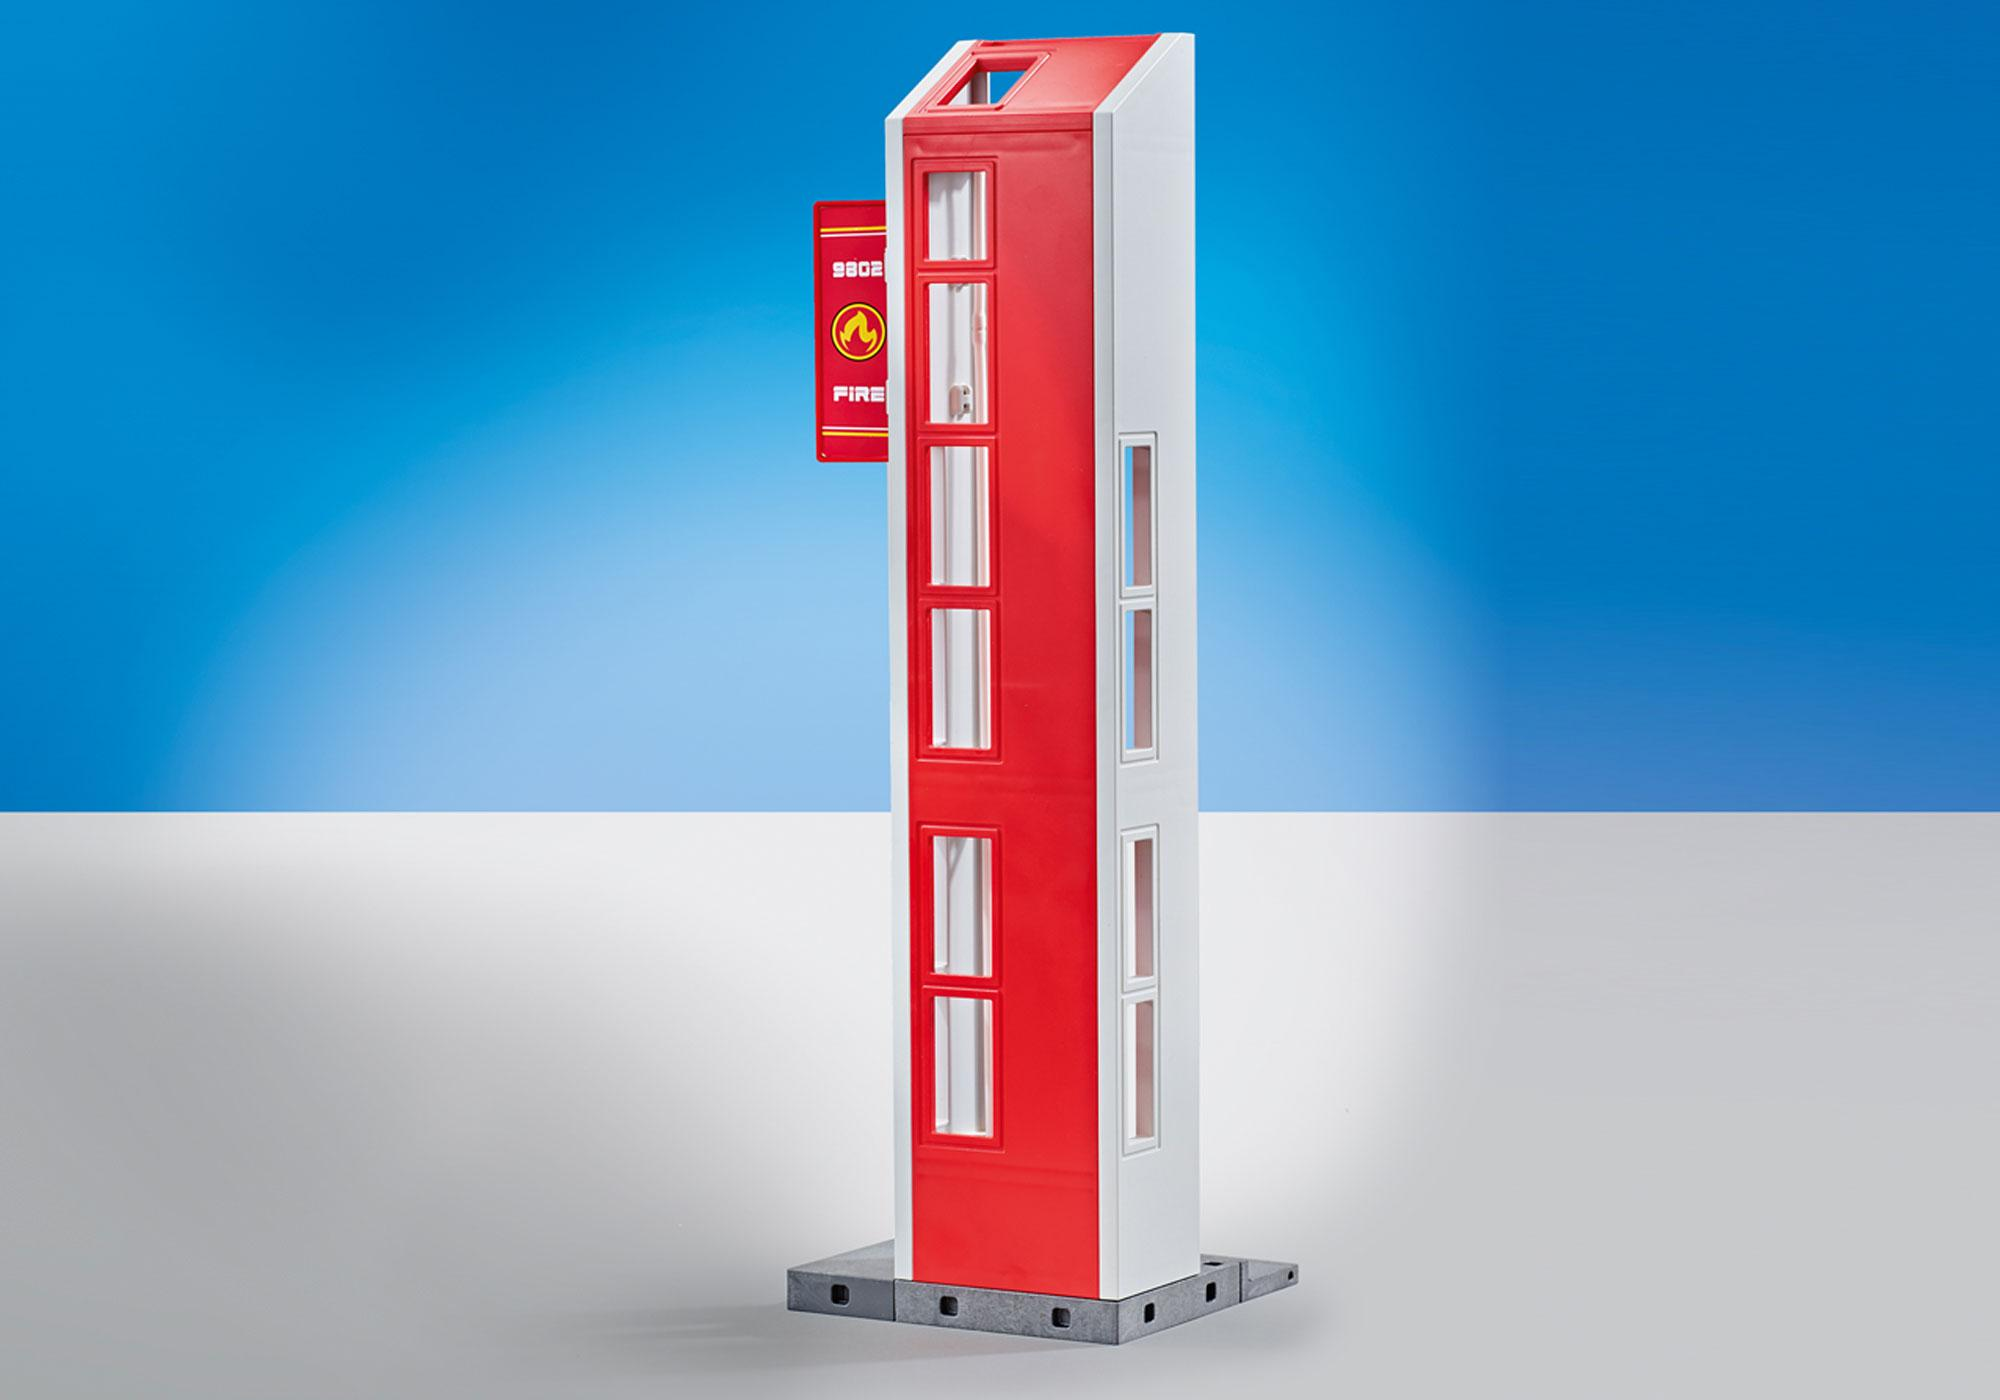 9802_product_detail/Πύργος Μεγάλου Πυροσβεστικού Σταθμού (9462)